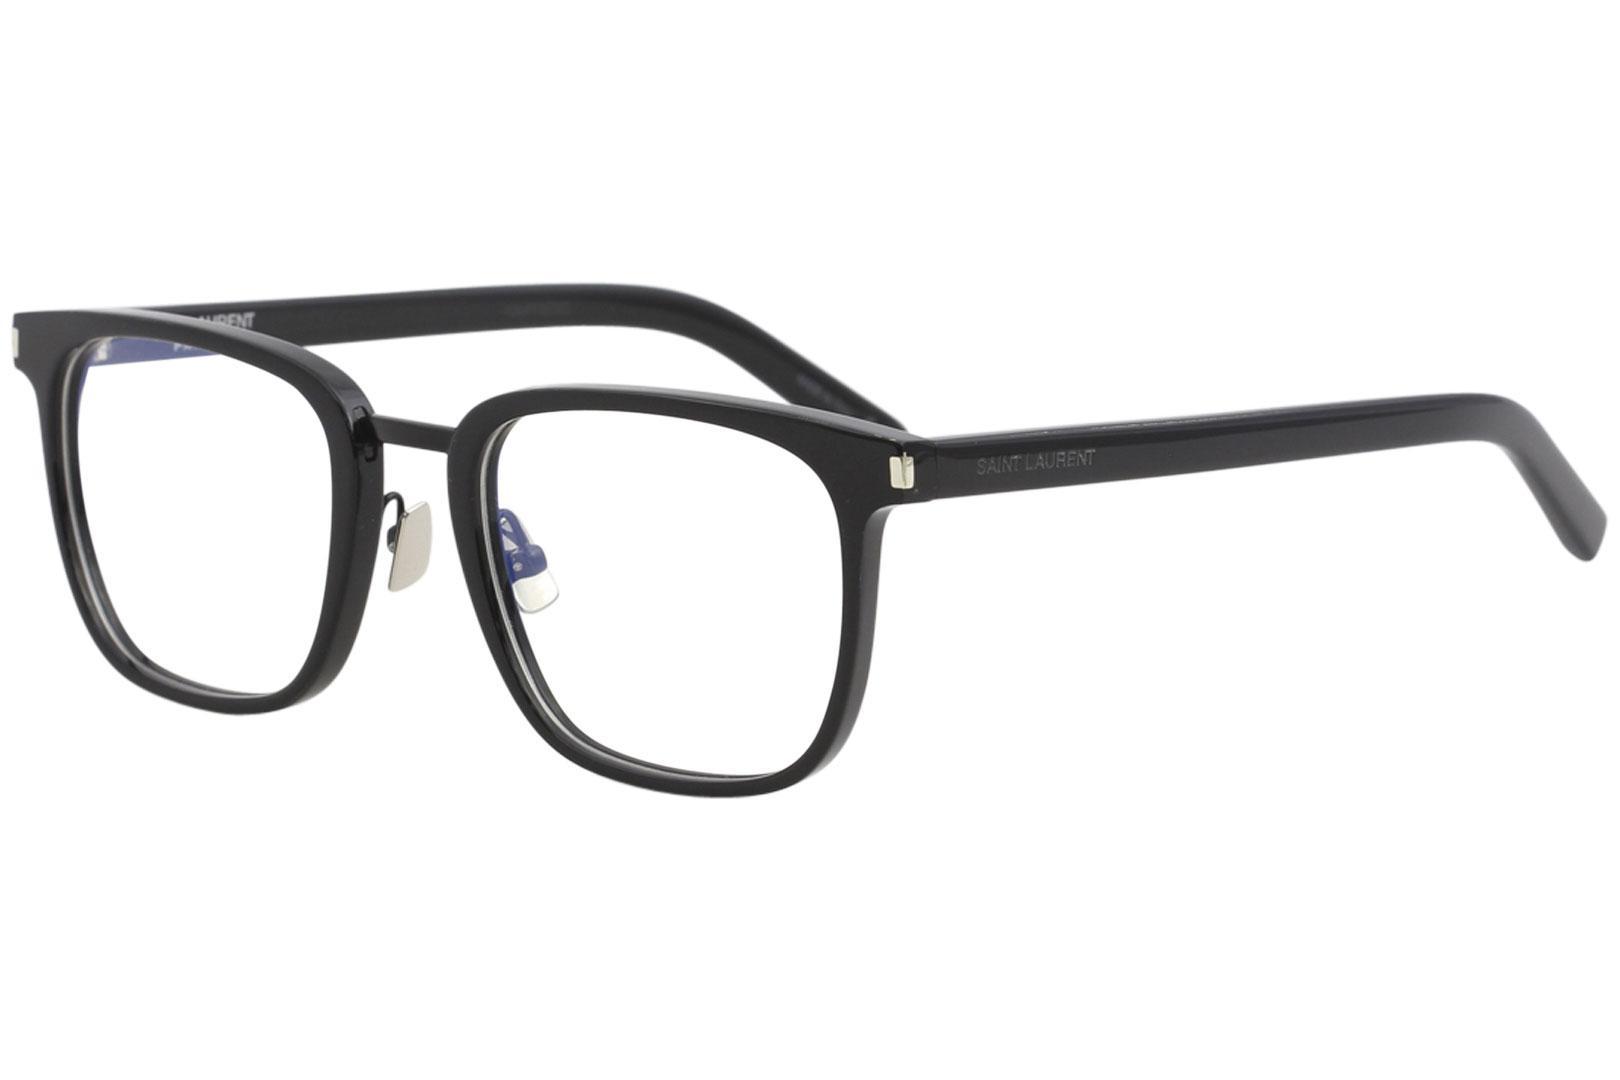 5517d0d68a Saint Laurent Men s Eyeglasses SL222 SL 222 Full Rim Optical Frame